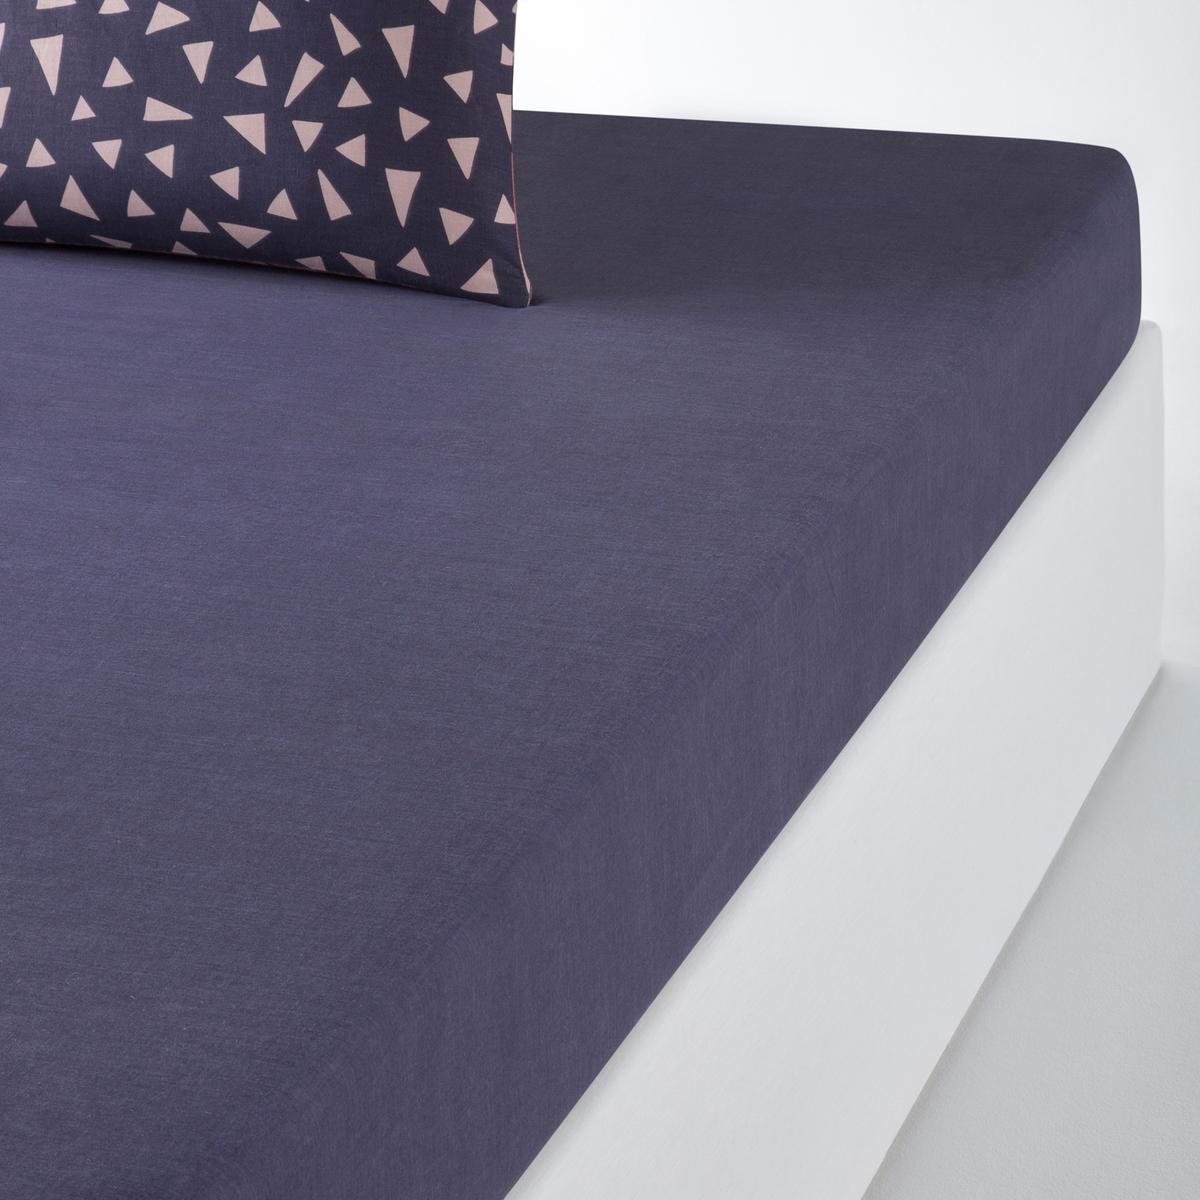 Простыня натяжная однотонная TAZLINAОписание:Однотонная натяжная простыня, TAZLINA. Модно сочетать с пододеяльником и наволочками Tazlina той же расцветки !Характеристики натяжной простыни TAZLINA :Однотонный темно-синий цвет100% хлопок, 57 нитей/см? (Чем больше количество нитей/см?, тем выше качество ткани)Клапан 25 смЛегкость ухода.   Машинная стирка при 60°Откройте для себя коллекцию постельного белья TAZLINA на сайте laredoute.ru В любое время года добавьте индивидуальности, сочетая коллекцию TAZLINA с нашей коллекцией однотонного постельного белья из хлопка SCENARIO! Знак Oeko-Tex® гарантирует, что товары прошли проверку и были изготовлены без применения вредных для здоровья человека веществ Размеры :90 x 190 см : 1-сп.140 x 190 см : 2-сп. 160 x 200 см : 2-сп.180 x 200 см : 2-сп.<br><br>Цвет: темно-синий<br>Размер: 160 x 200  см.140 x 190  см